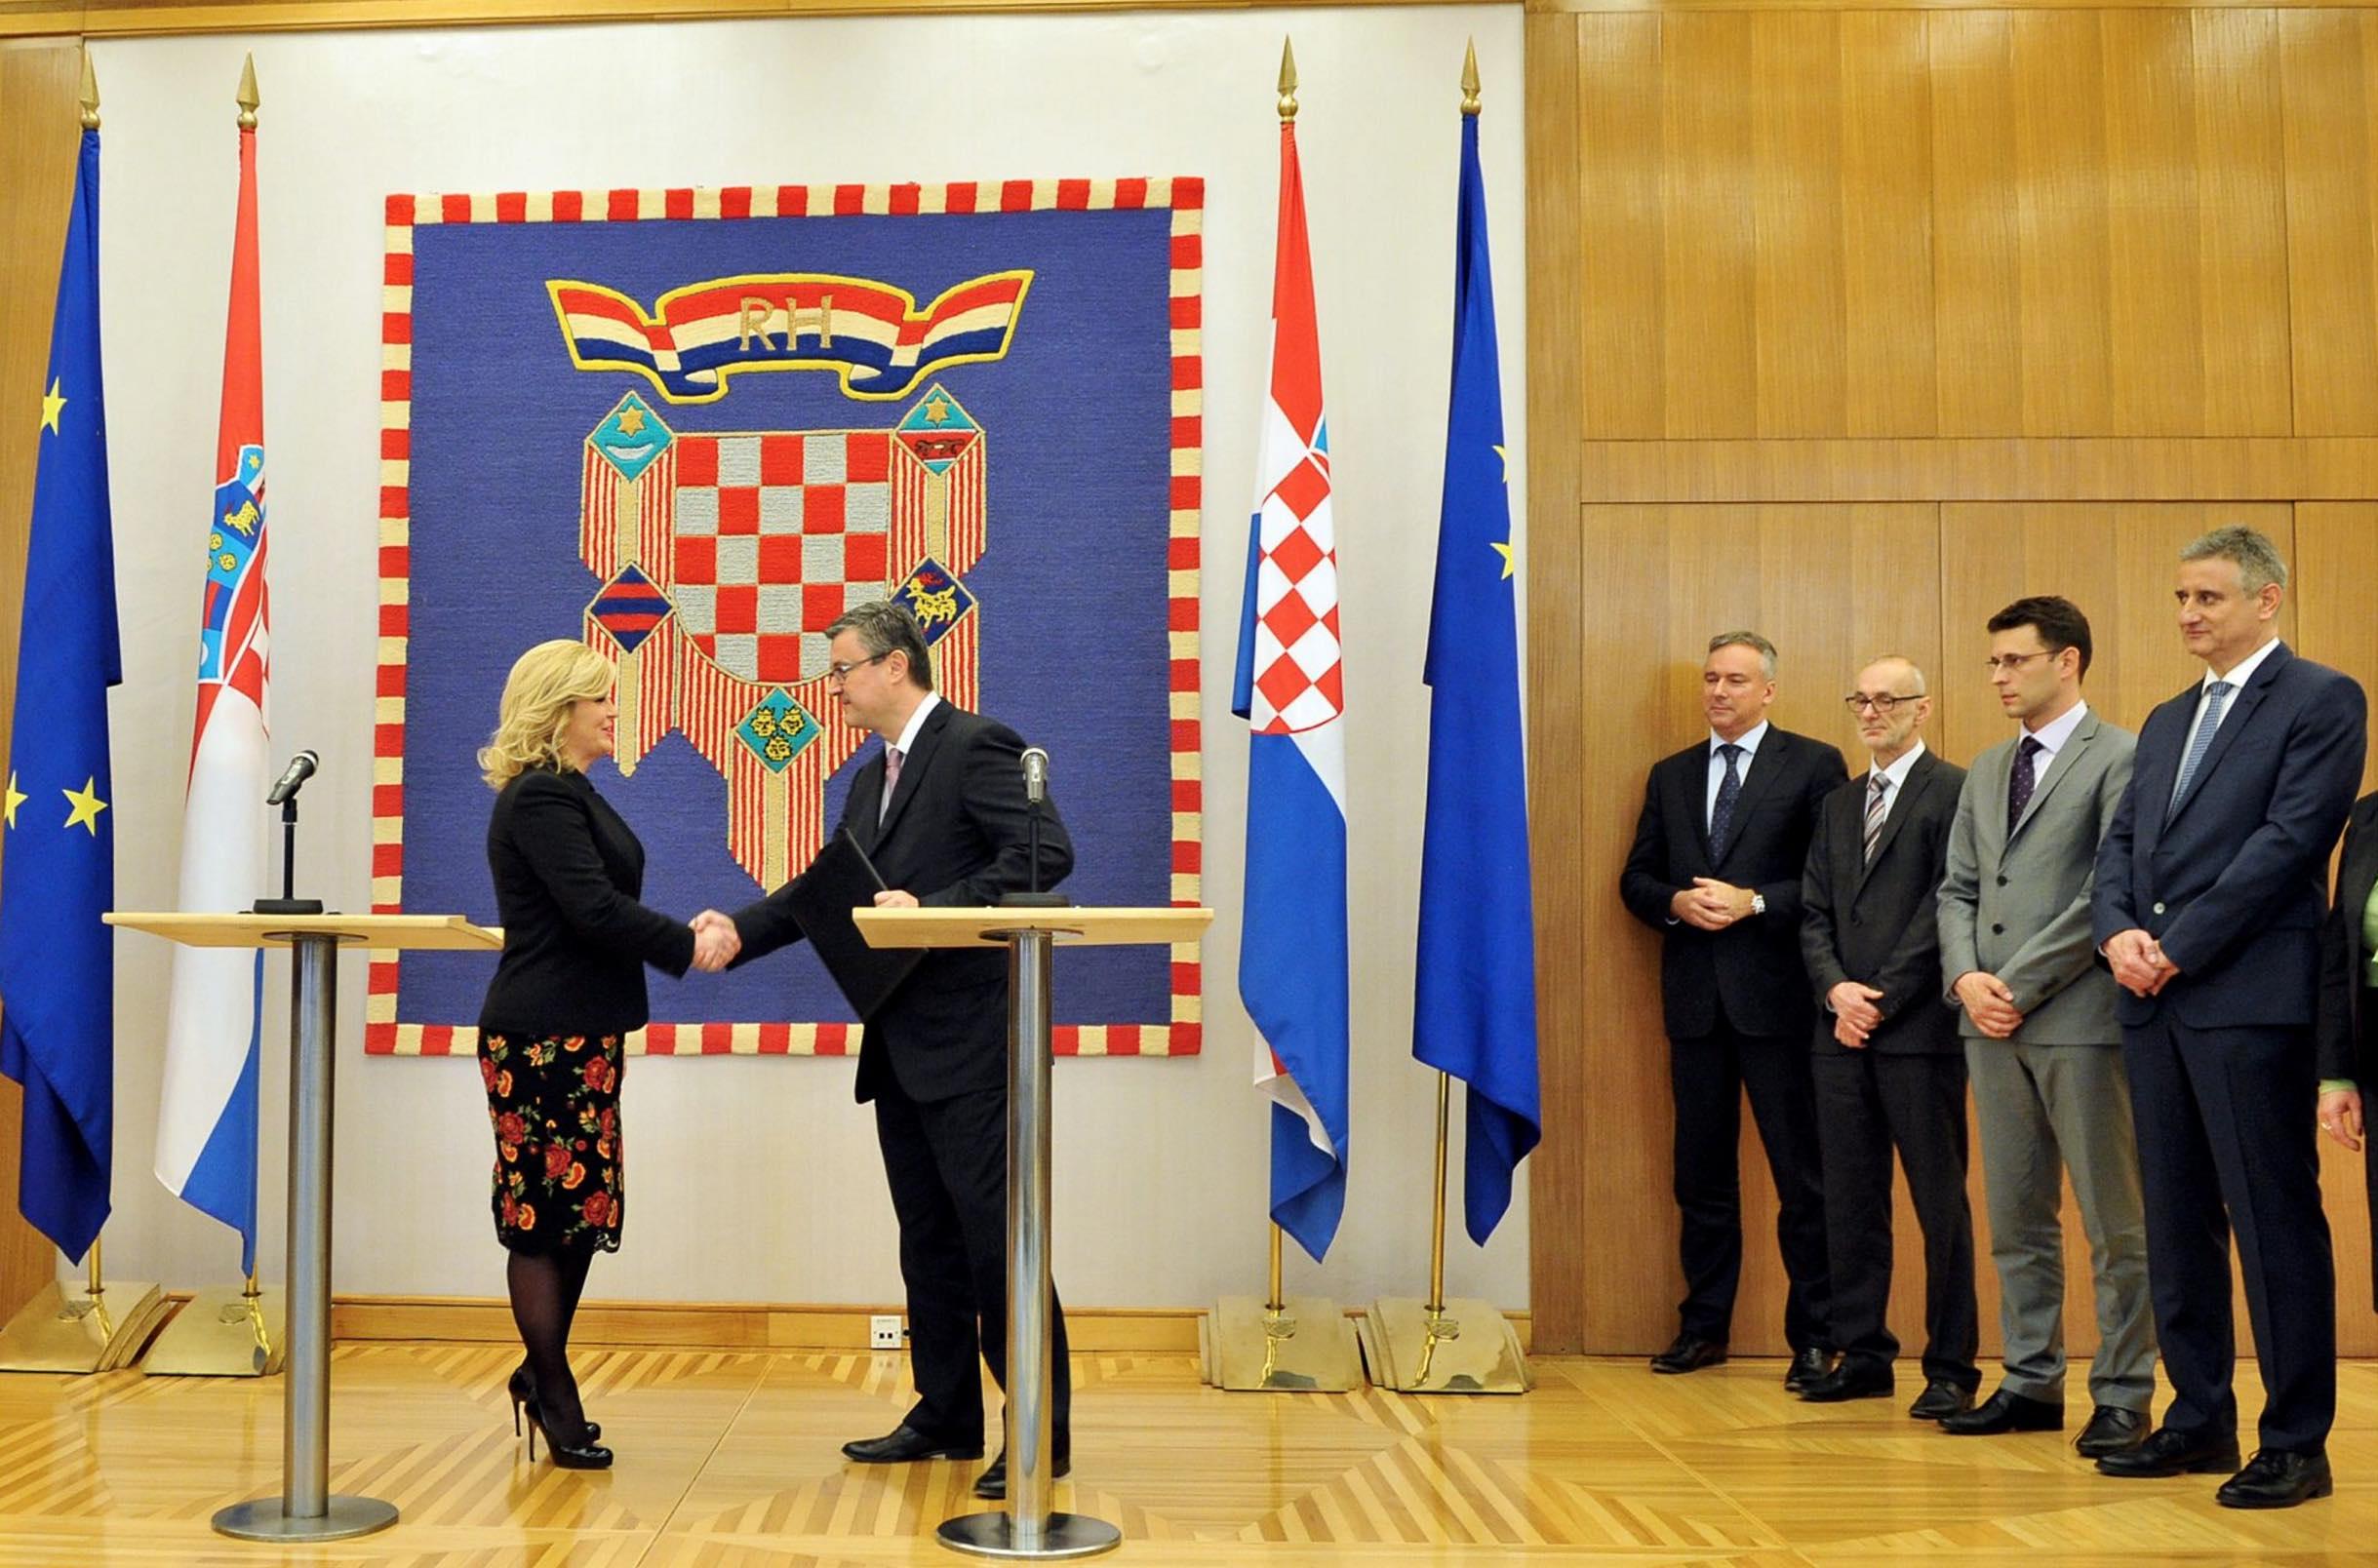 Kolinda Grabar-Kiatrovic und Tihomir Oreskovic in Zagreb bei der offiziellen Verkündung über die Zusammenstellung der neuen Regierung. Rechts stehen Bozo Petrov und Tomislav Karamarko. (Foto: Ured Predsjednice HR)